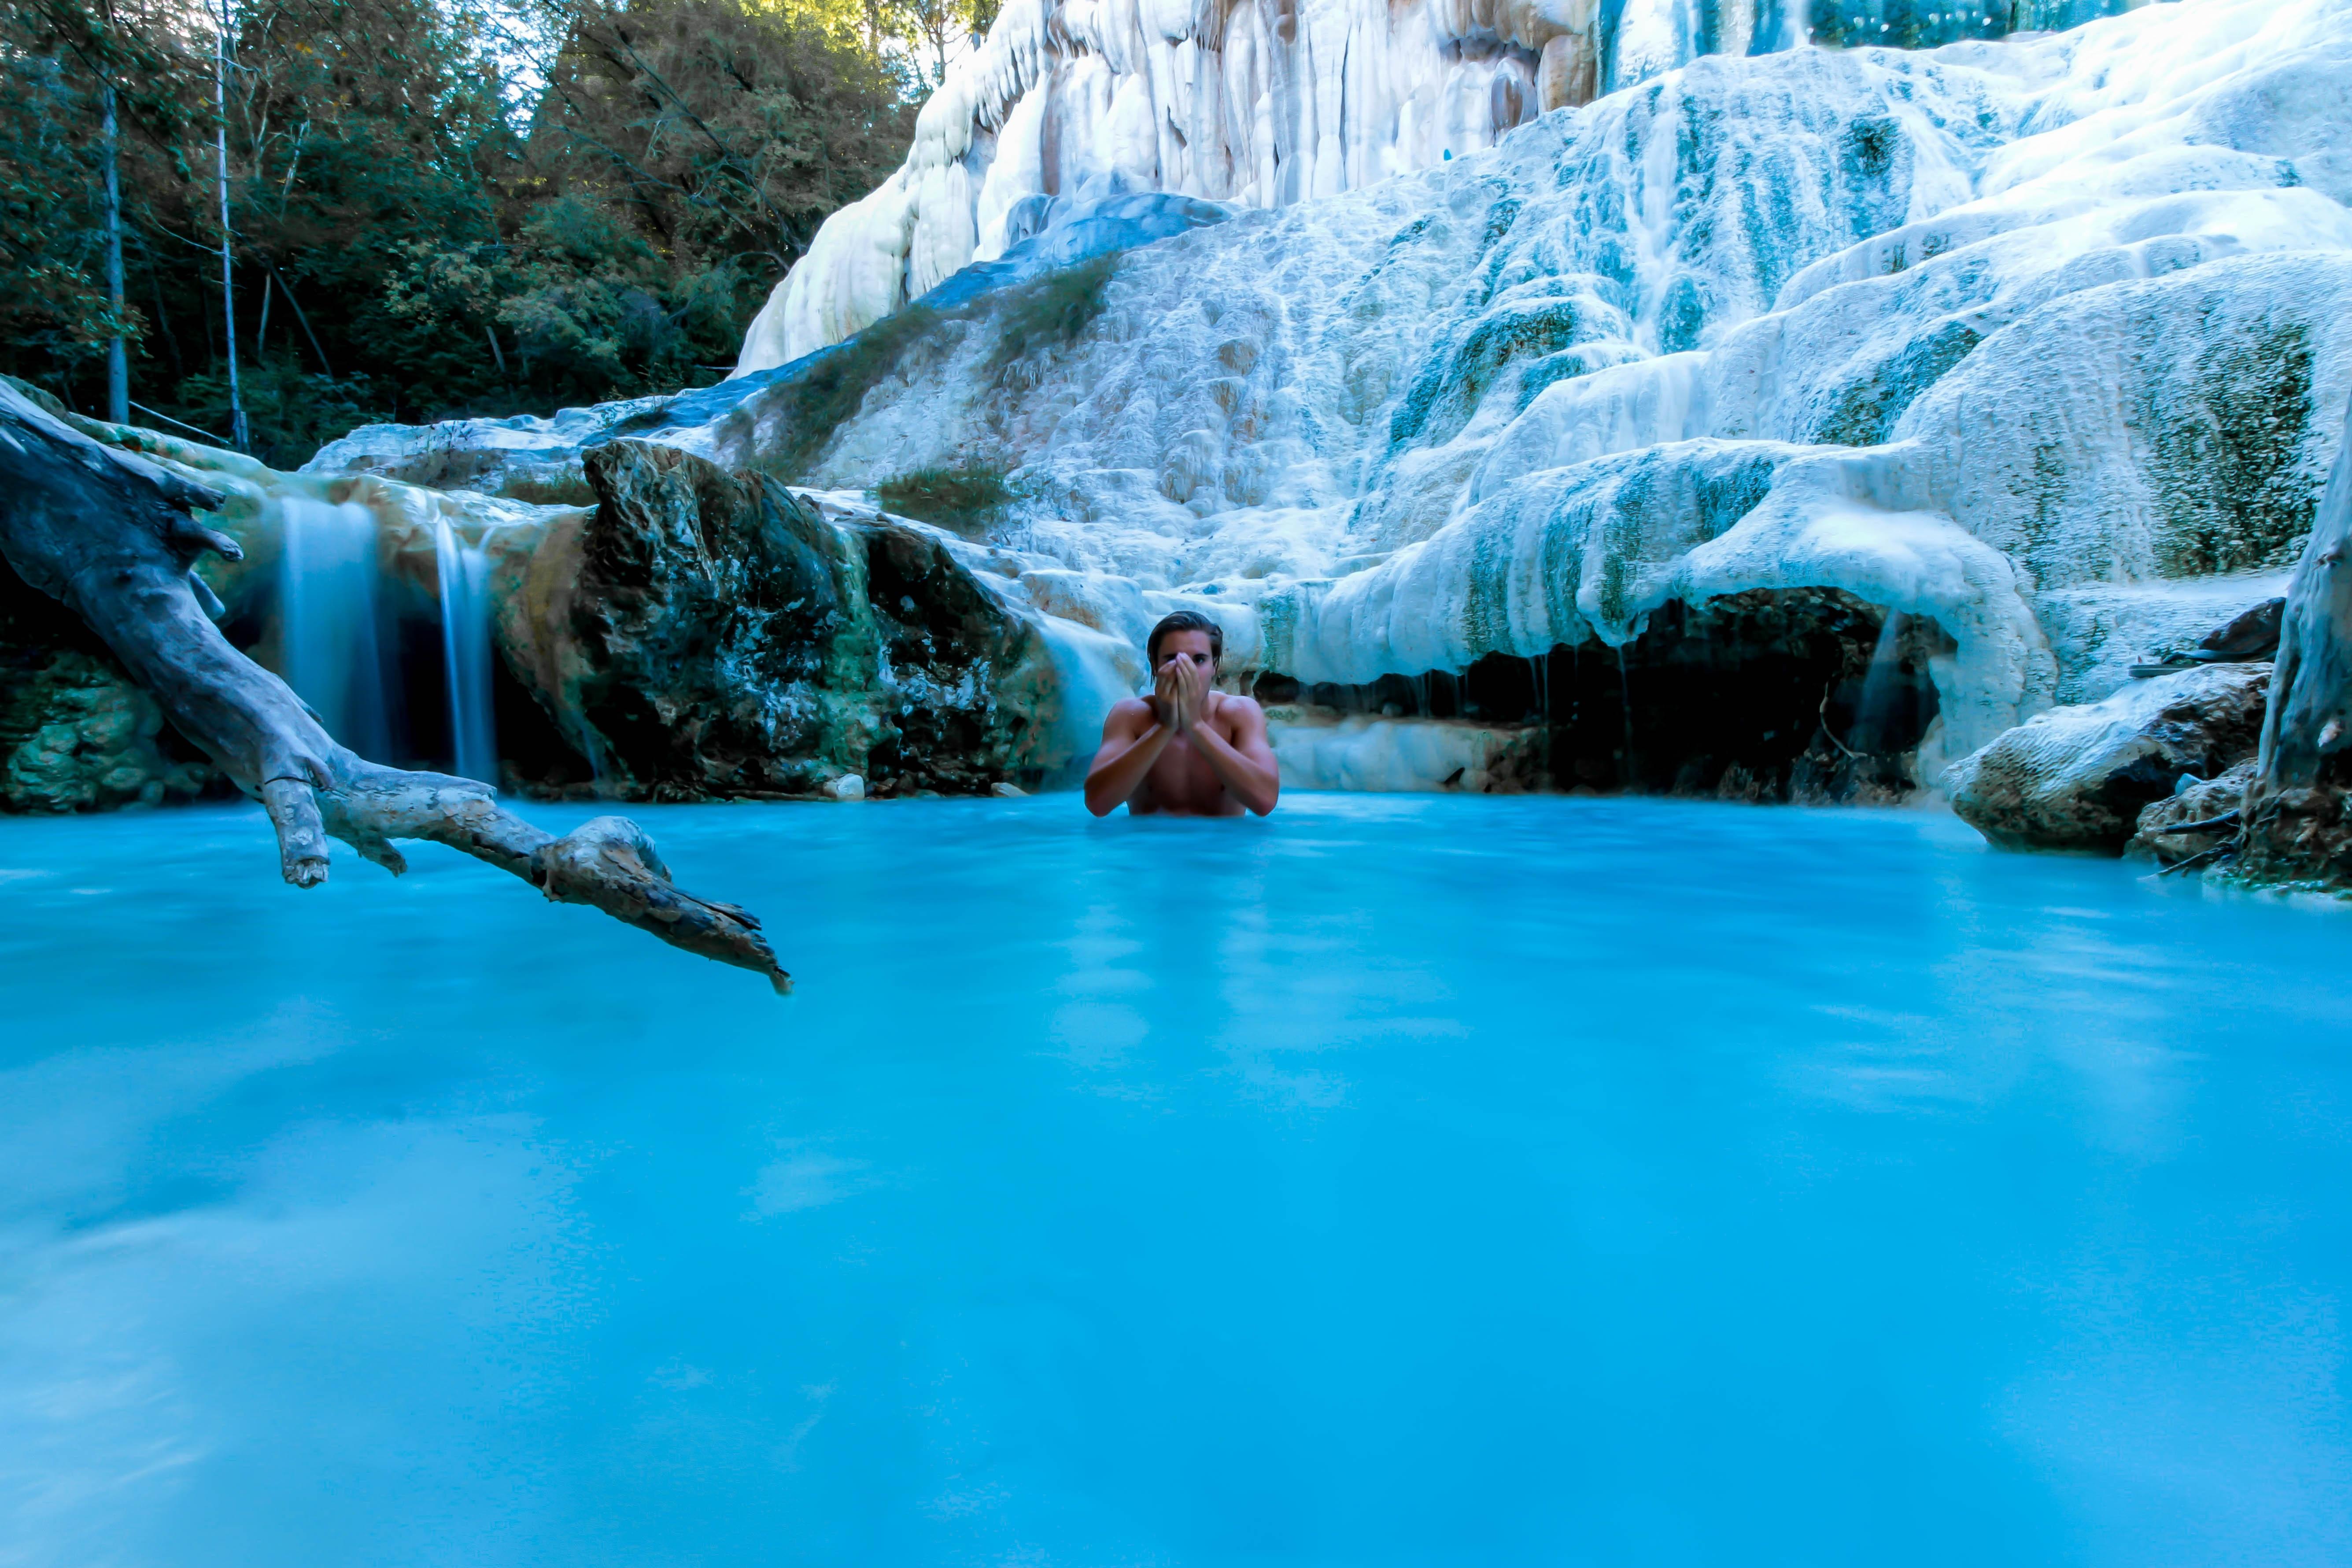 kostenlose foto mann wasser natur wasserfall schwimmbad eis entspannen sie sich italien. Black Bedroom Furniture Sets. Home Design Ideas